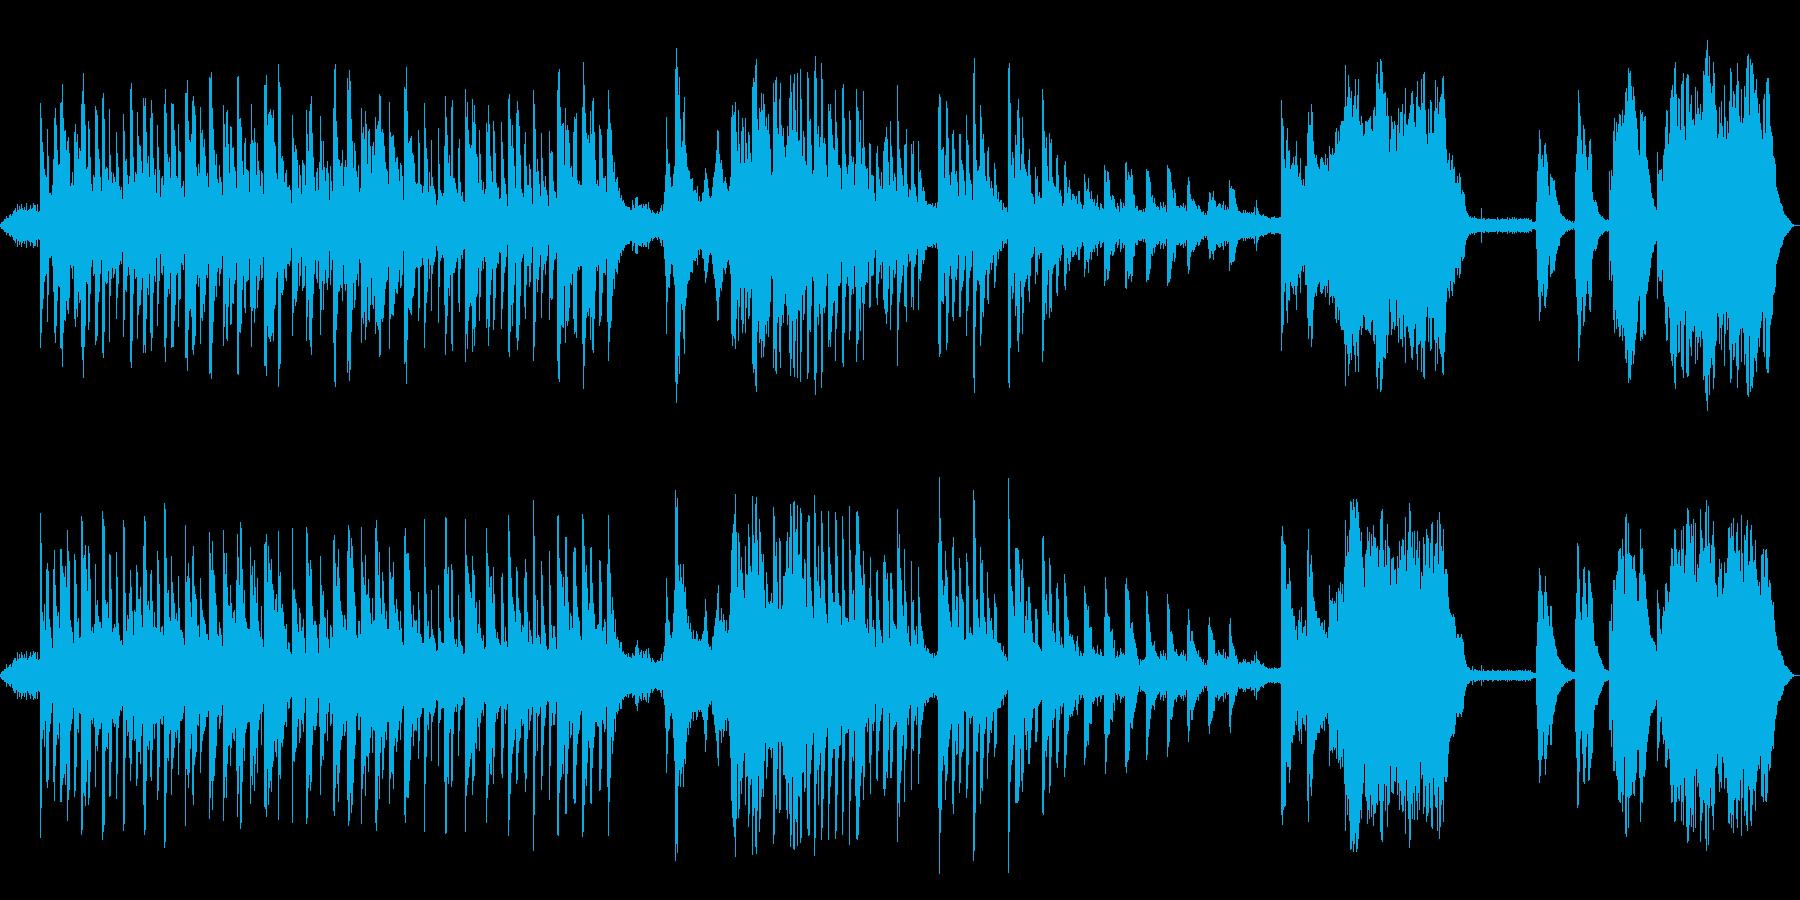 控えめに響く、澄んだ音色のピアノの再生済みの波形